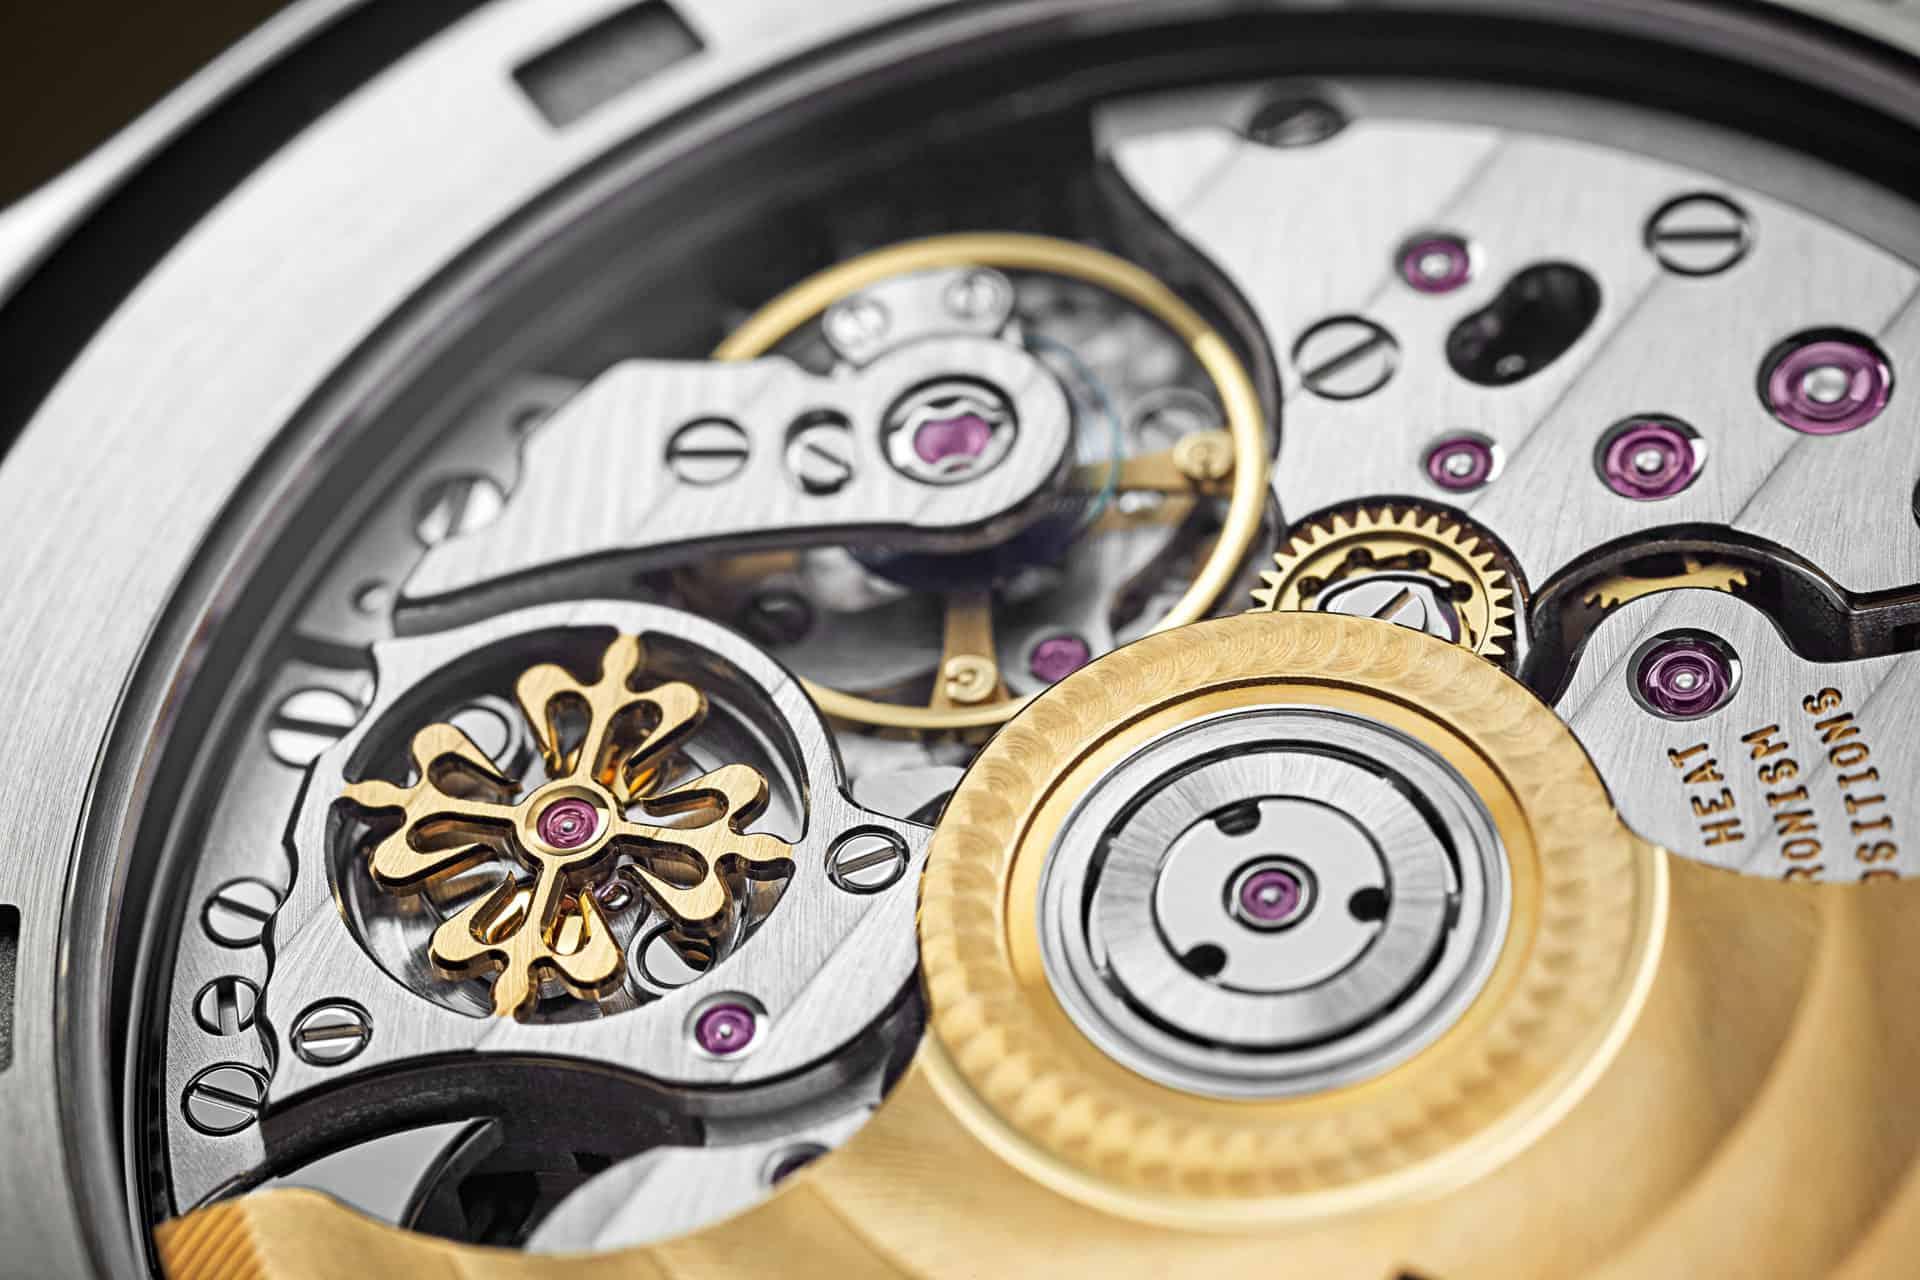 Das Signet von Patek im edlen Kaliber der Patek Travel Time 5520 mit goldenem Rotor